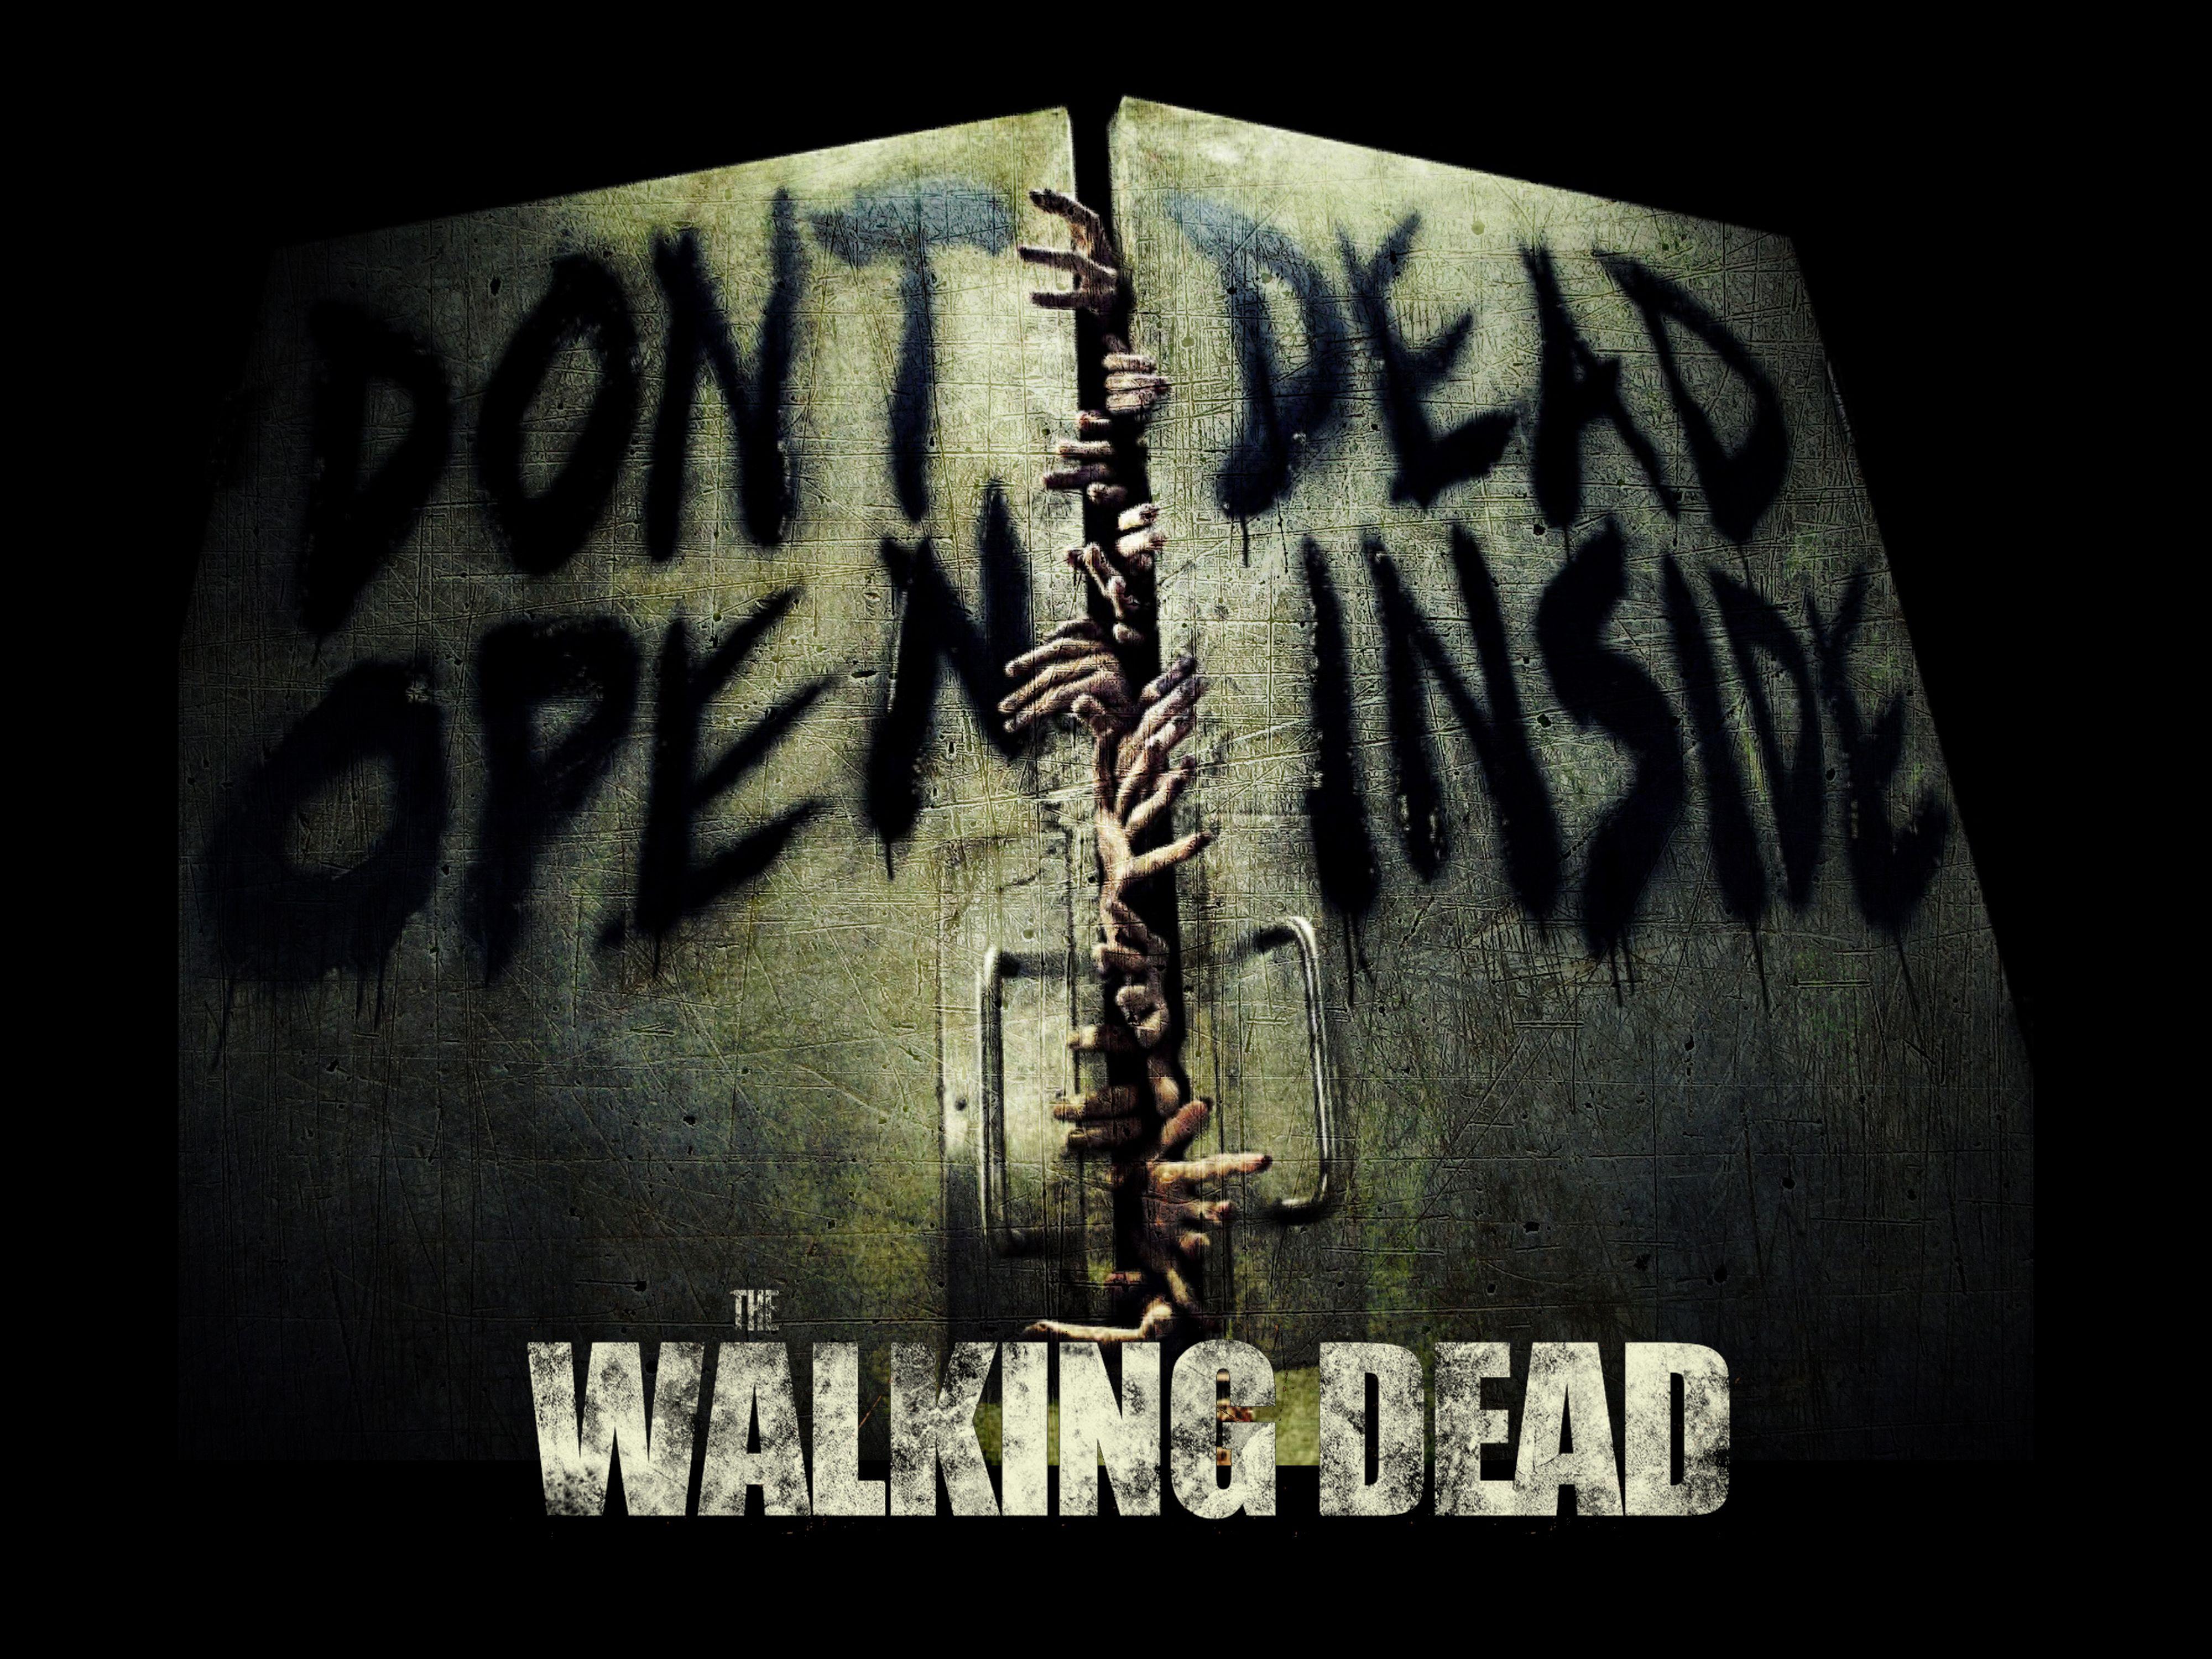 The Walking Dead Wallpapers: The Walking Dead 793628